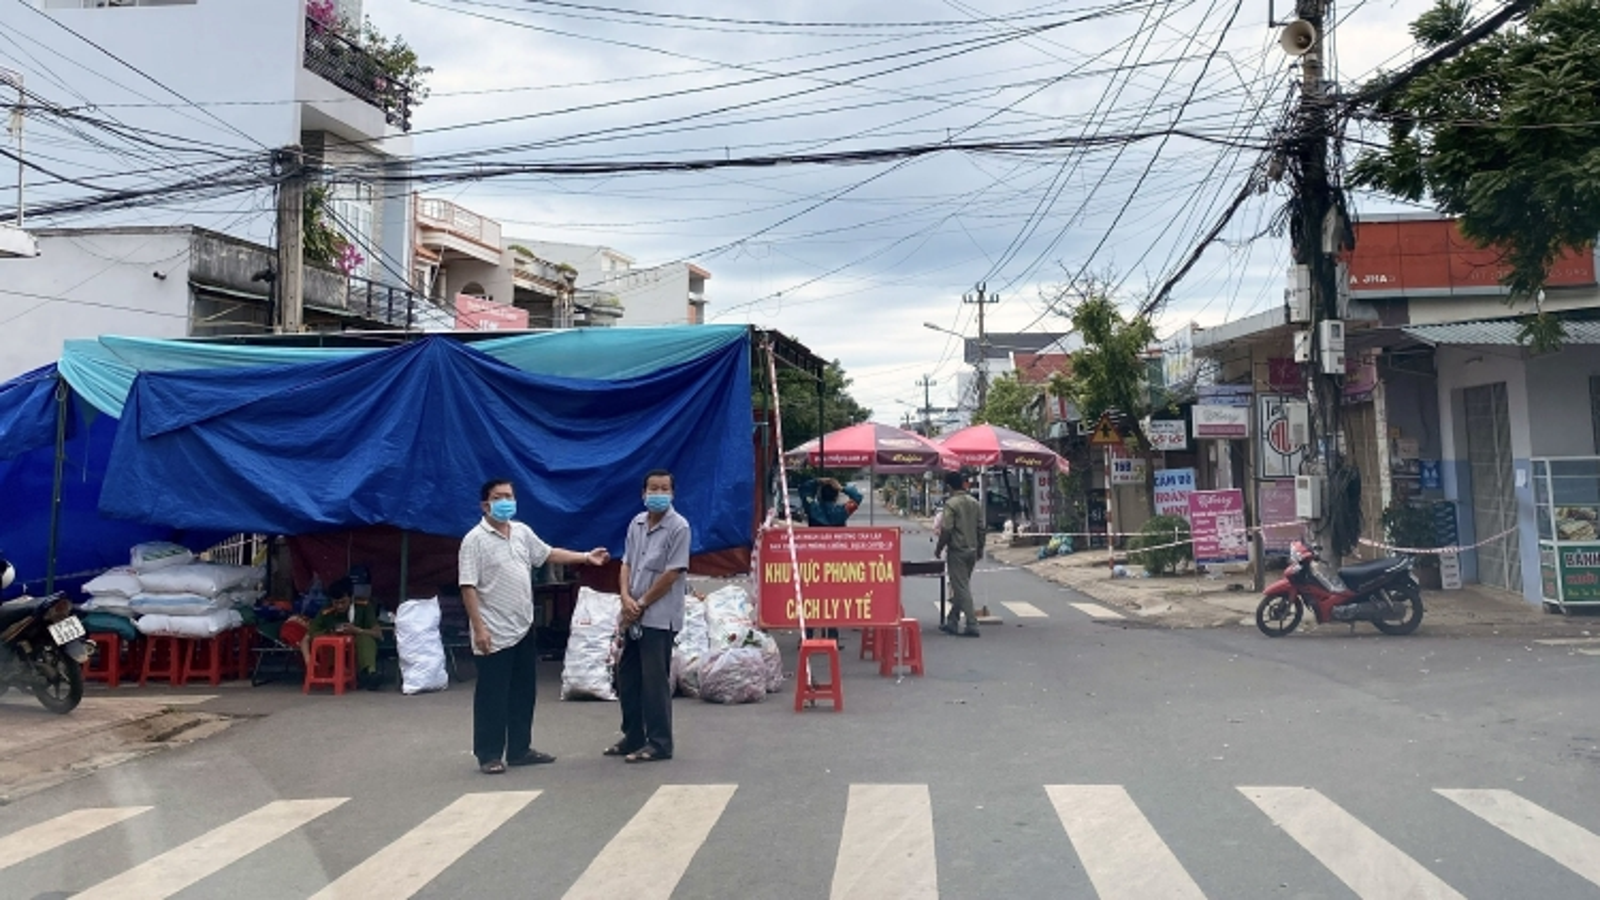 Gần 400 người bị xử phạt vì vi phạm quy định phòng chống dịch Covid-19 ở Đắk Lắk